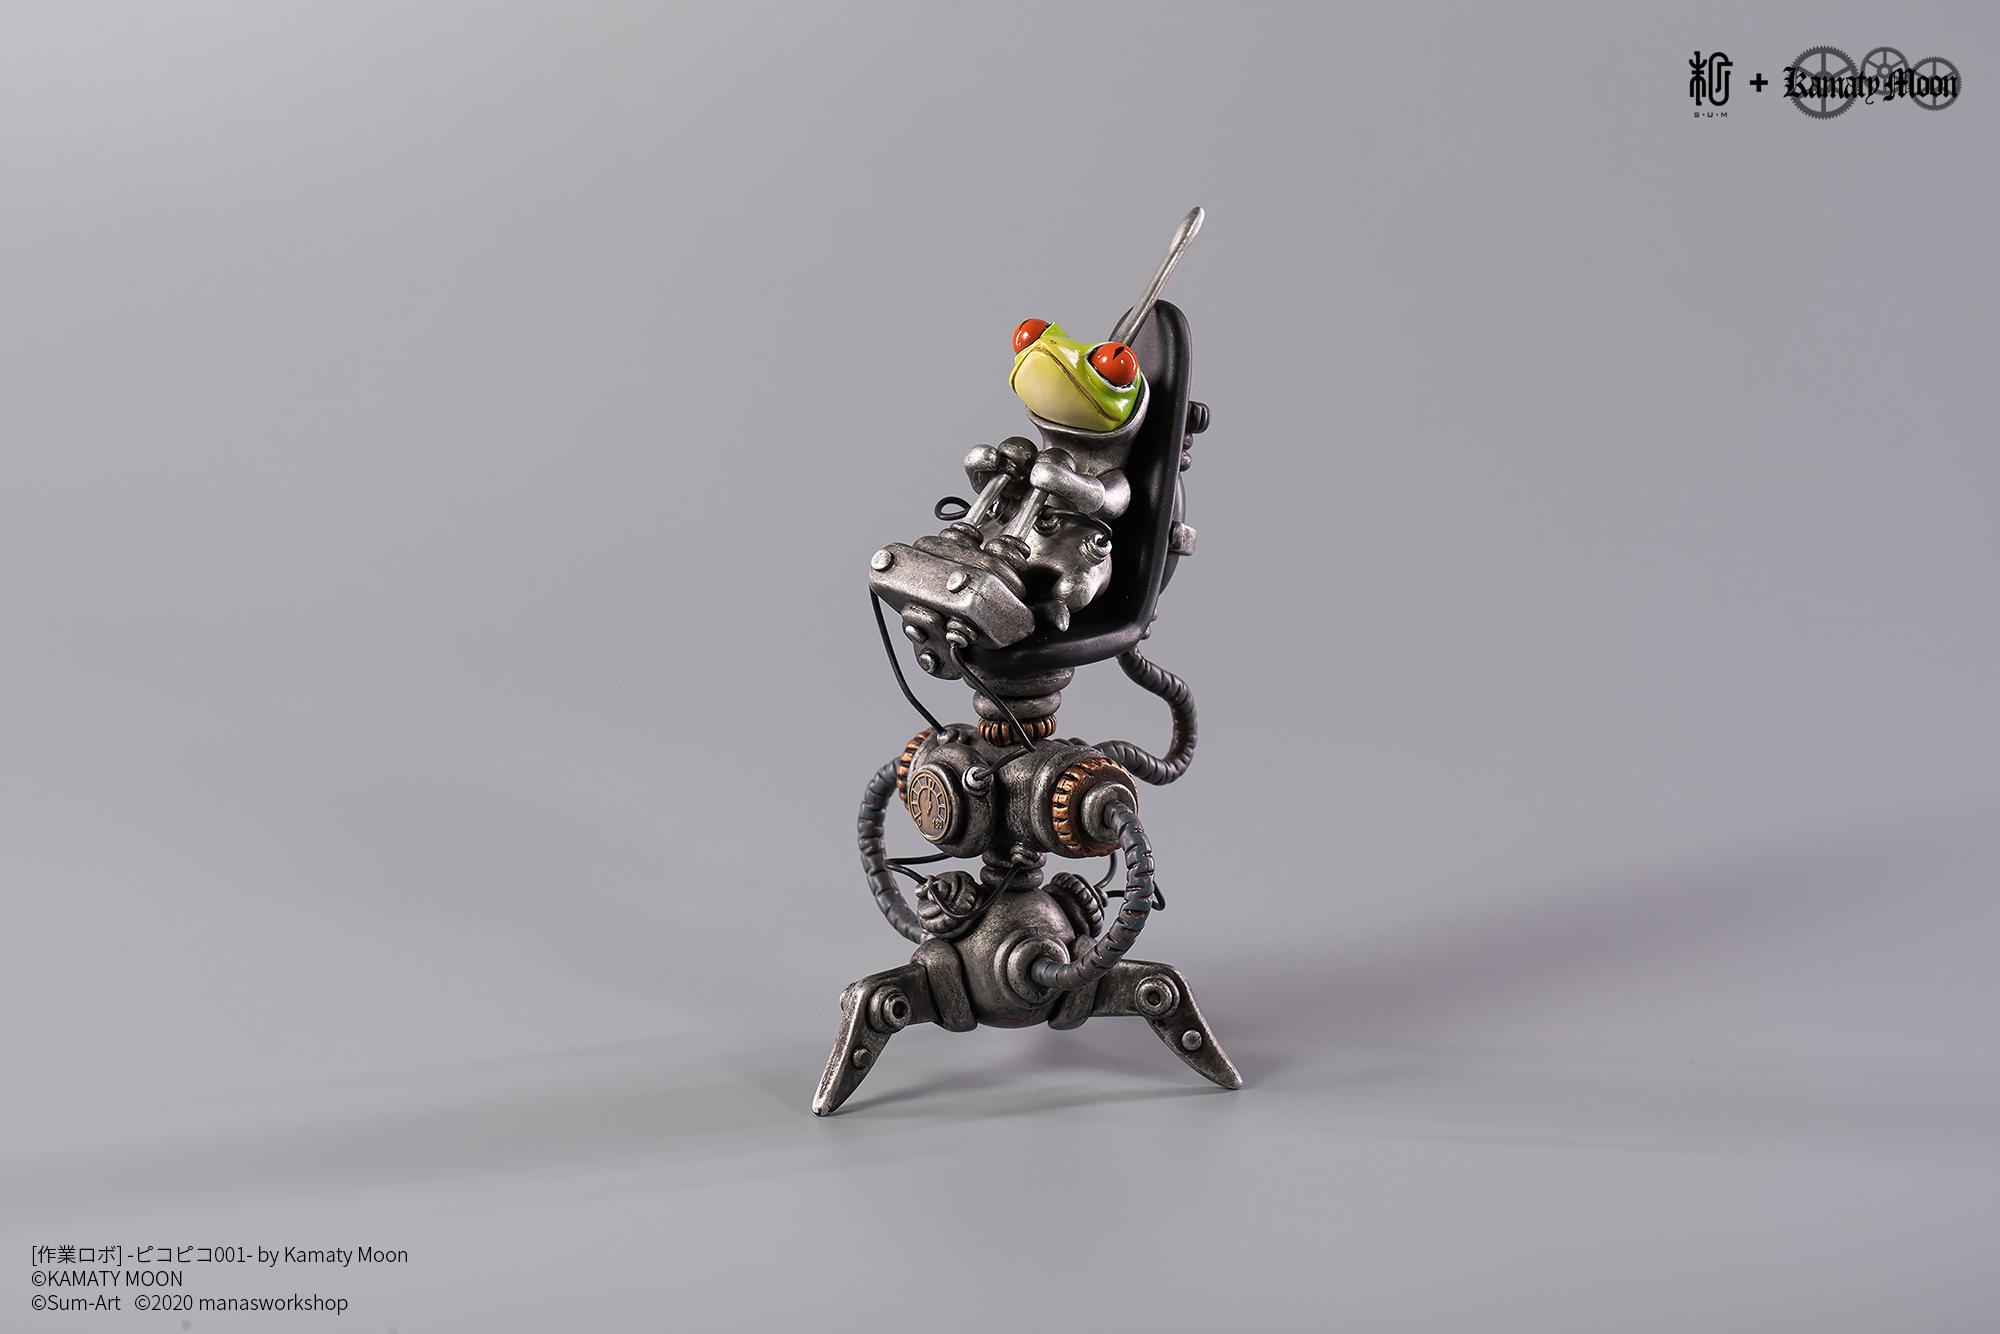 ピコリン作業ロボ|鎌田光司